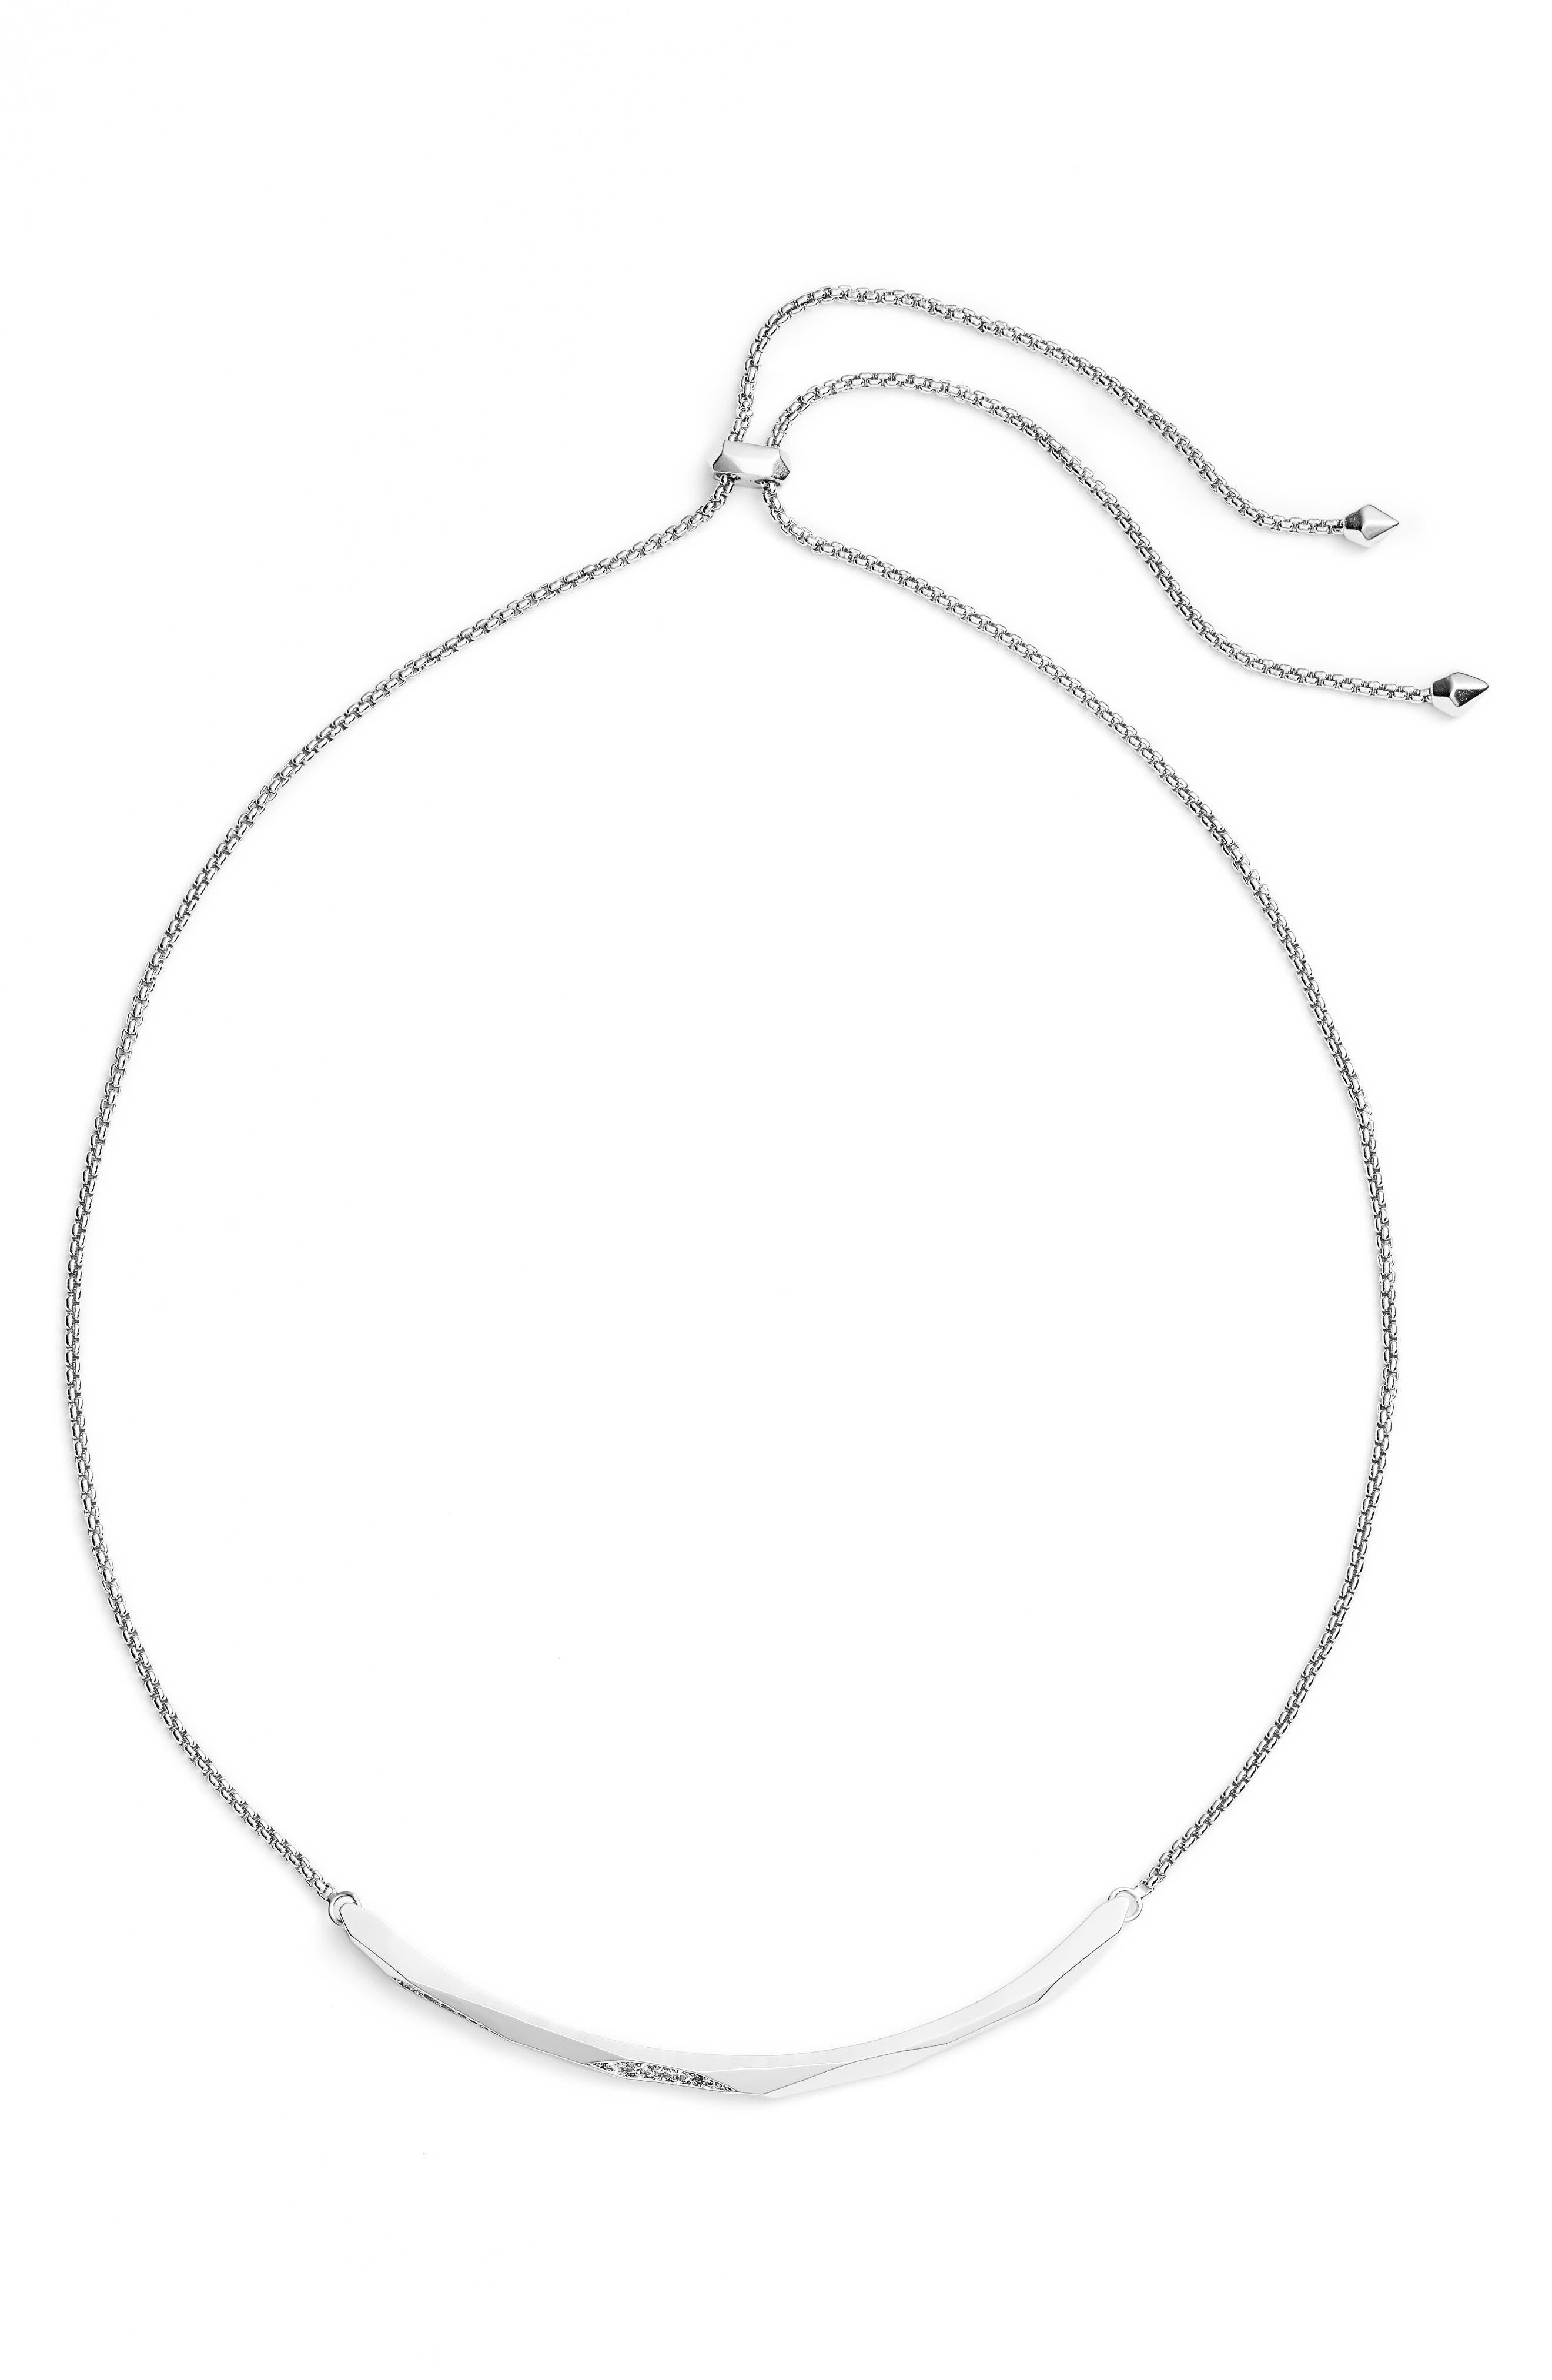 Graham Sparkle Bar Necklace,                             Main thumbnail 1, color,                             040